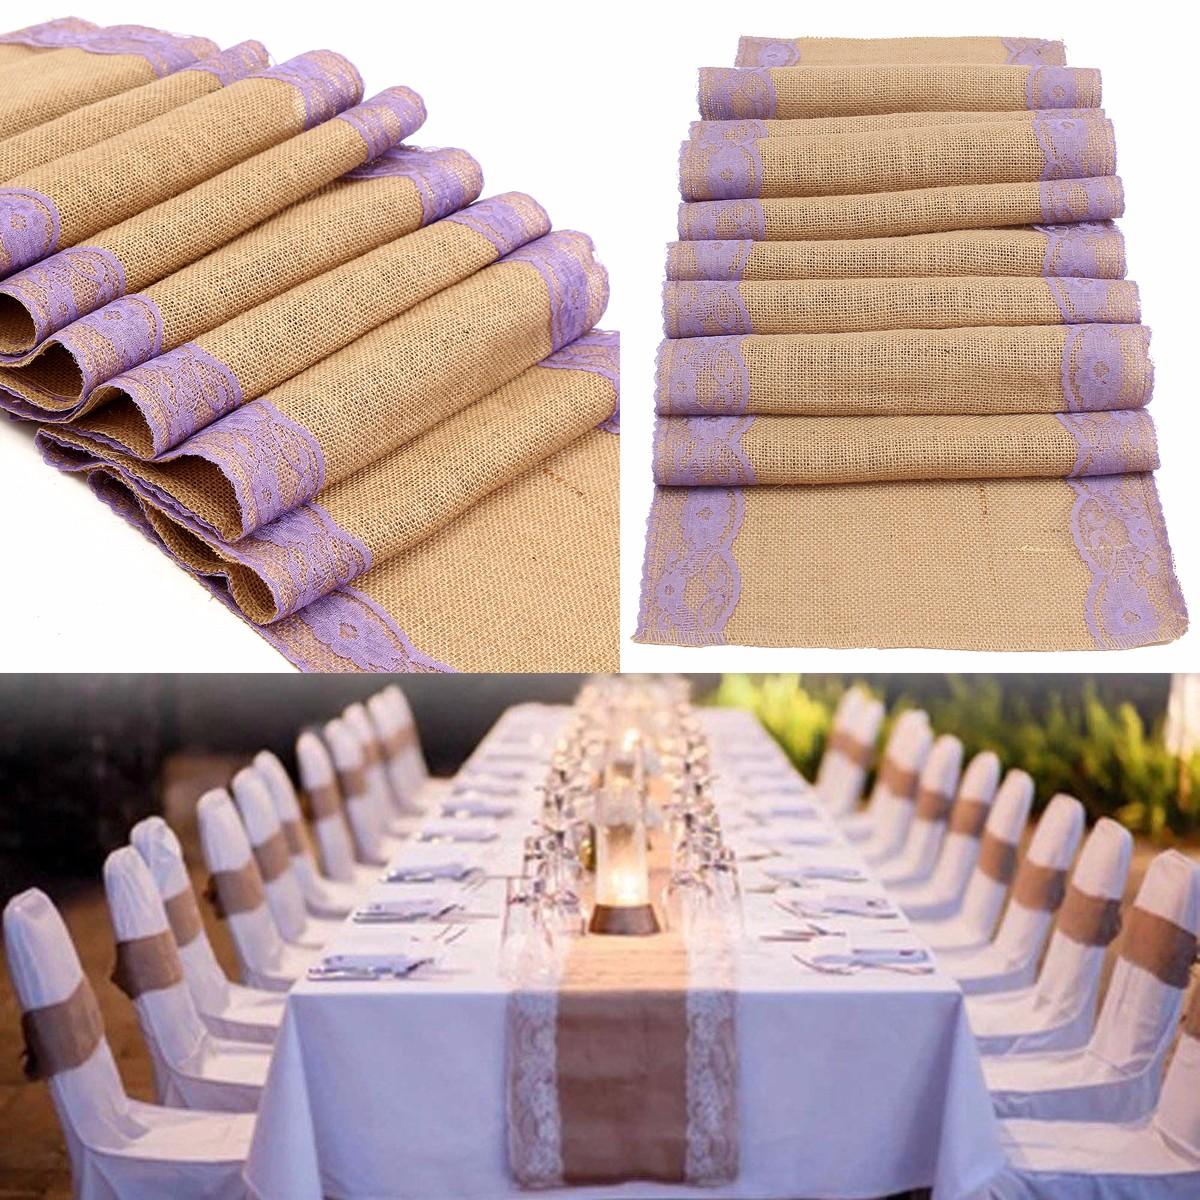 chemin de table jute toile dentelle d coration mariage nappe napperon 30x275cm. Black Bedroom Furniture Sets. Home Design Ideas